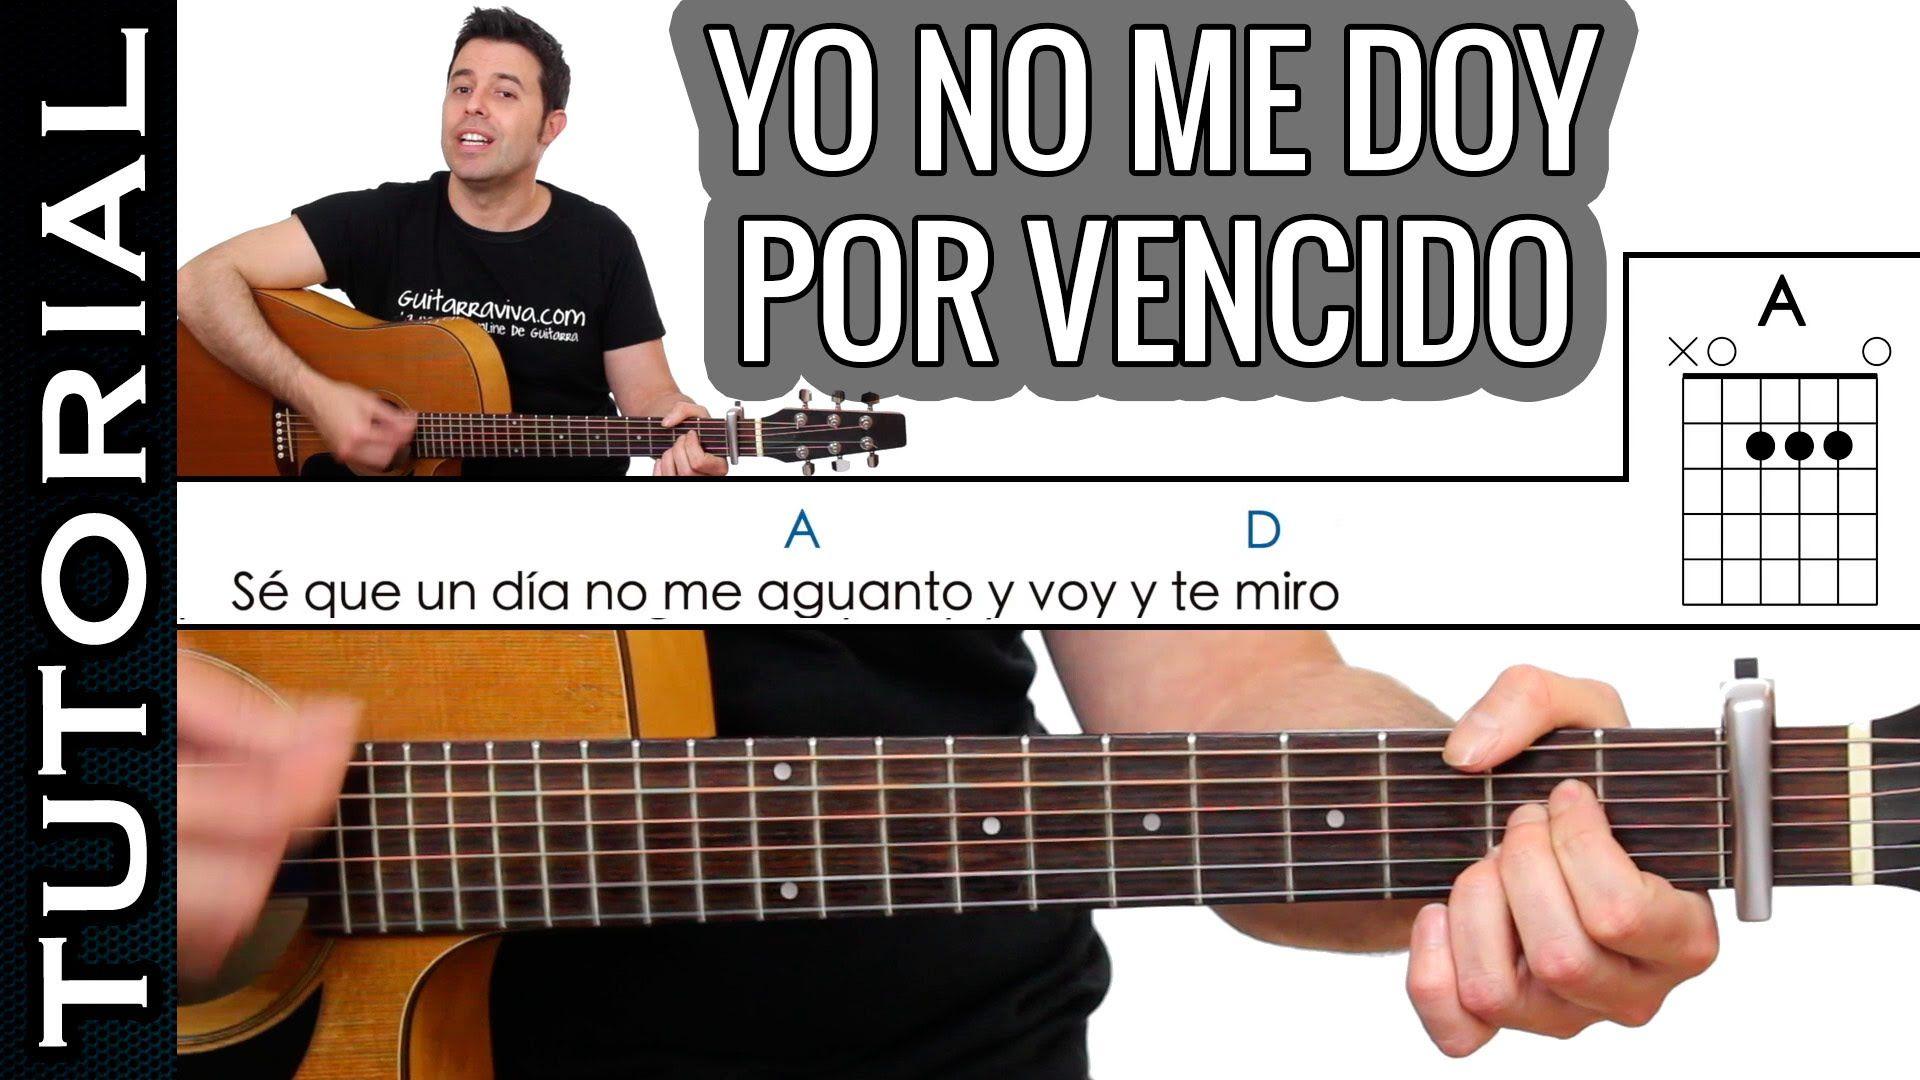 Como Tocar Yo No Me Doy Por Vencido En Guitarra Acústica Fácil Guitarra Acustica Guitarras Canciones De Guitarra